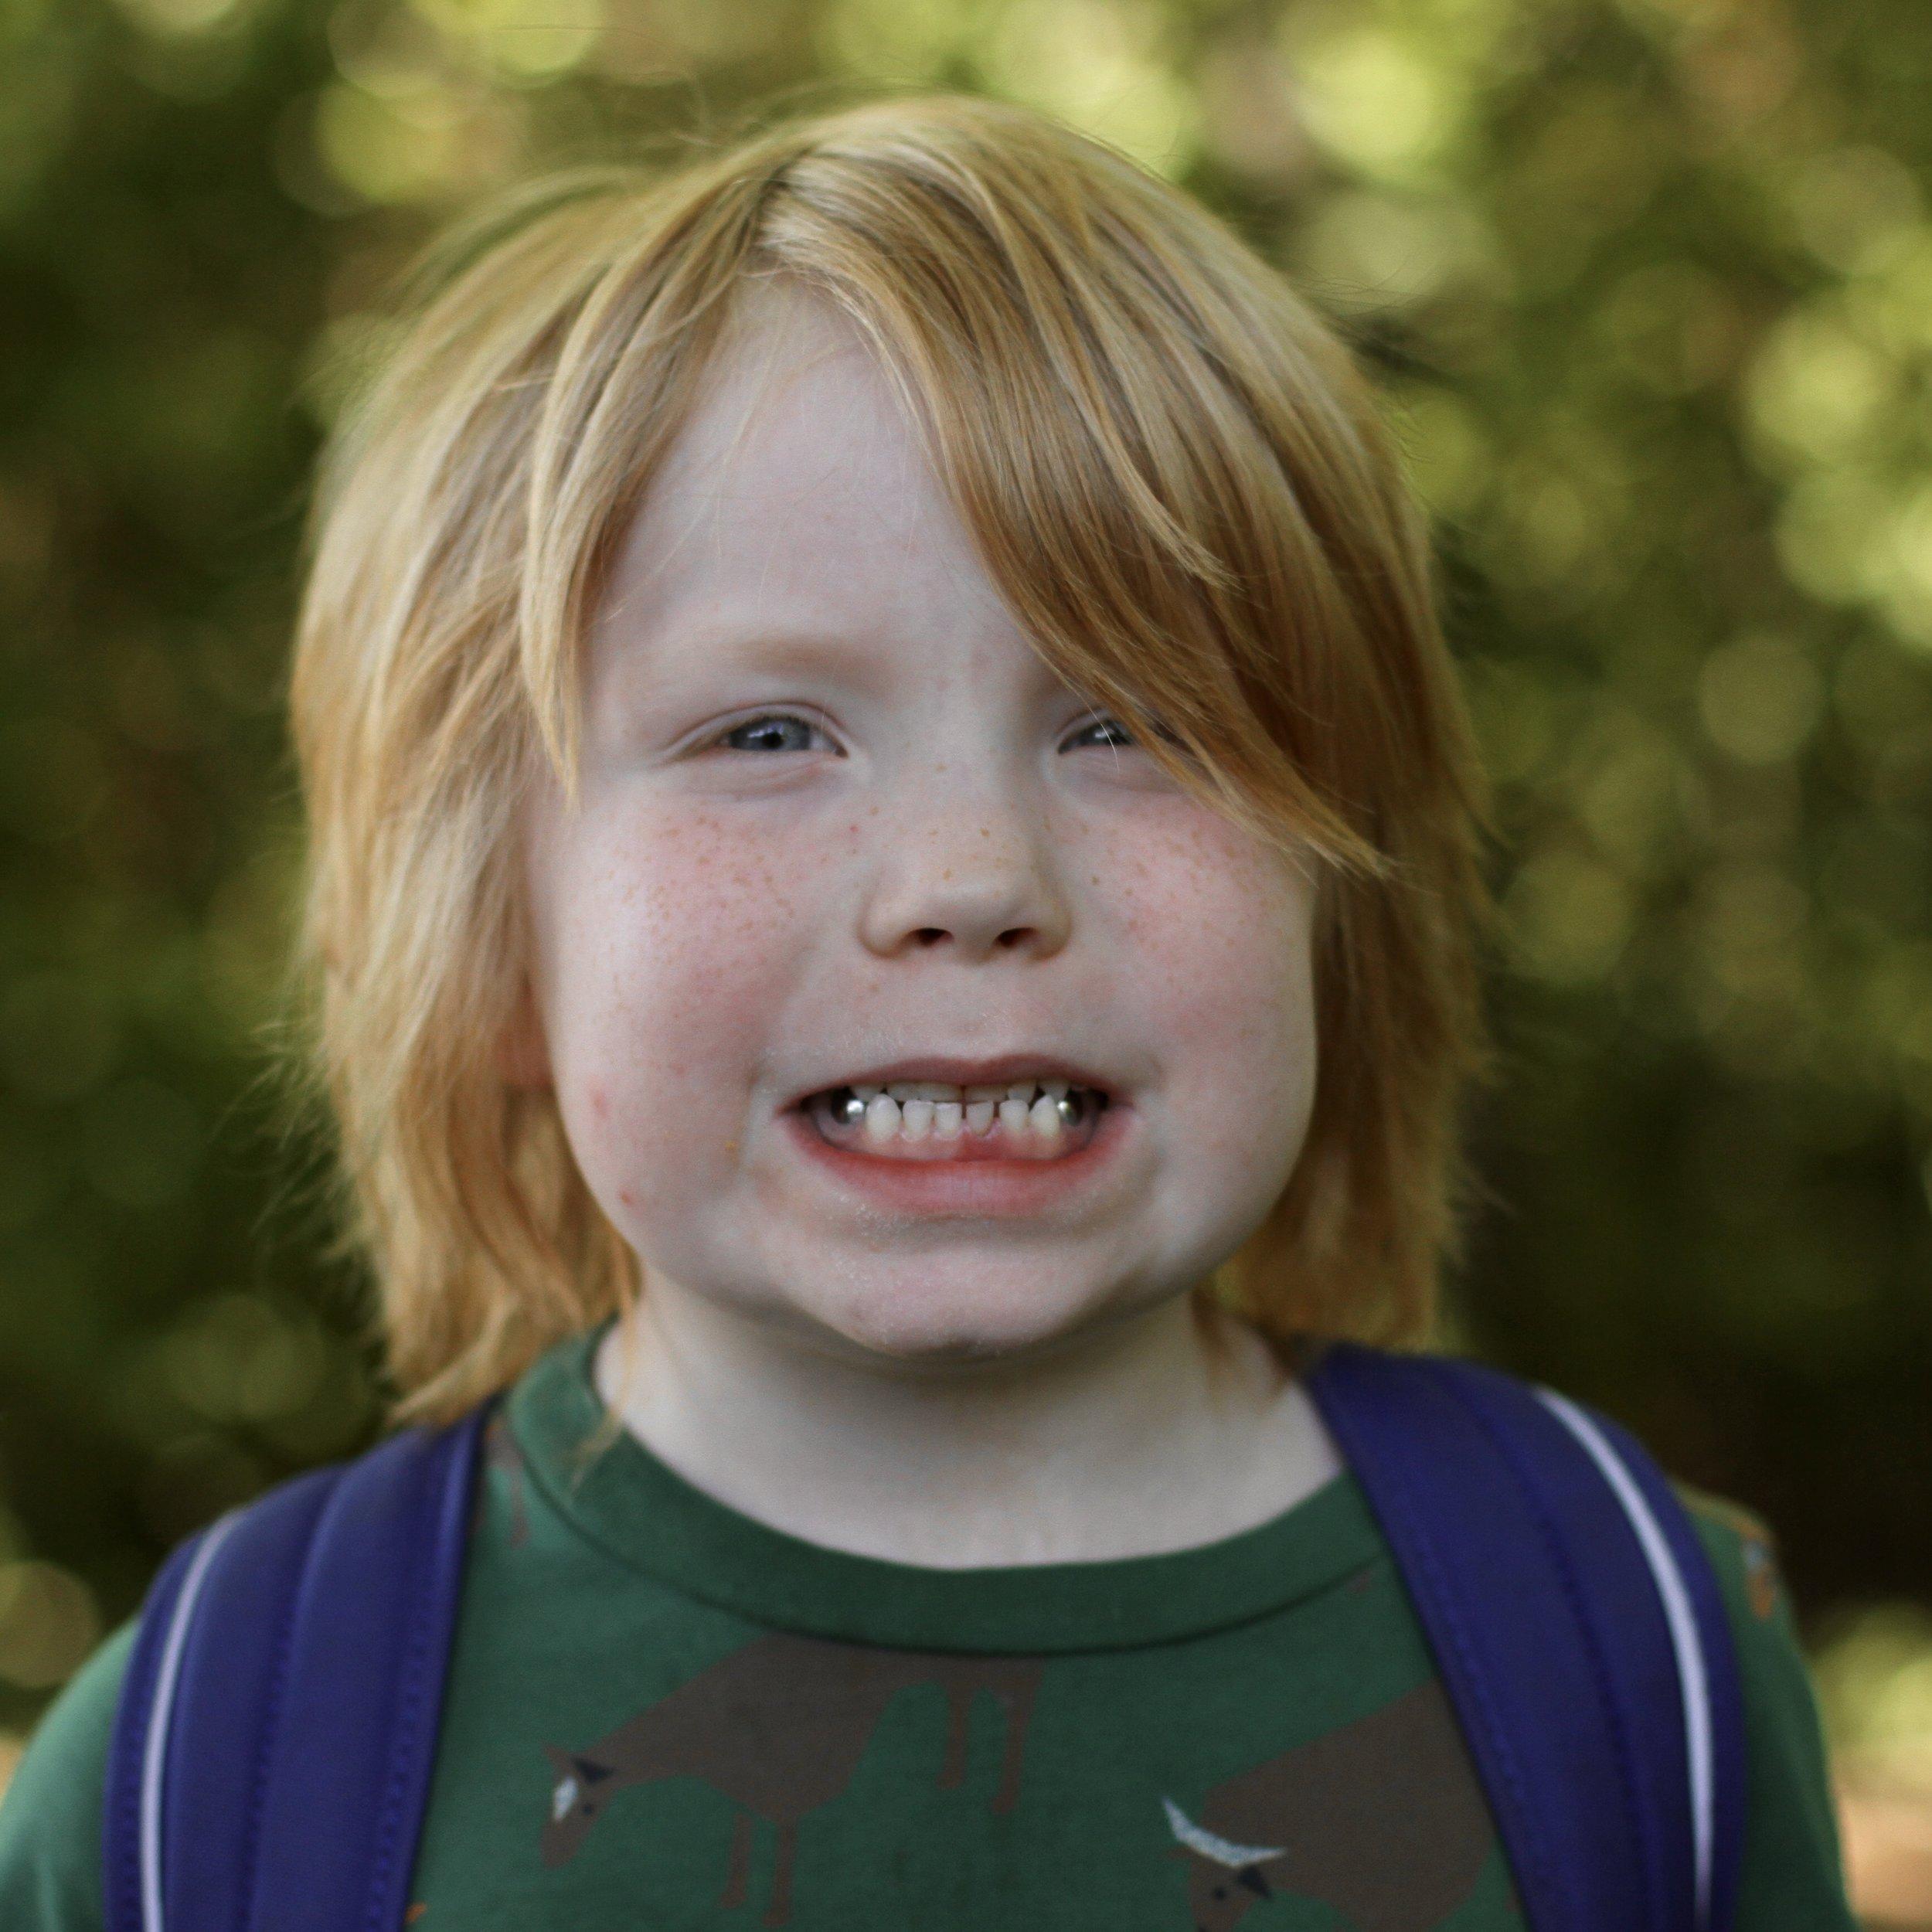 年轻的学生咧着嘴笑,金黄色的头发